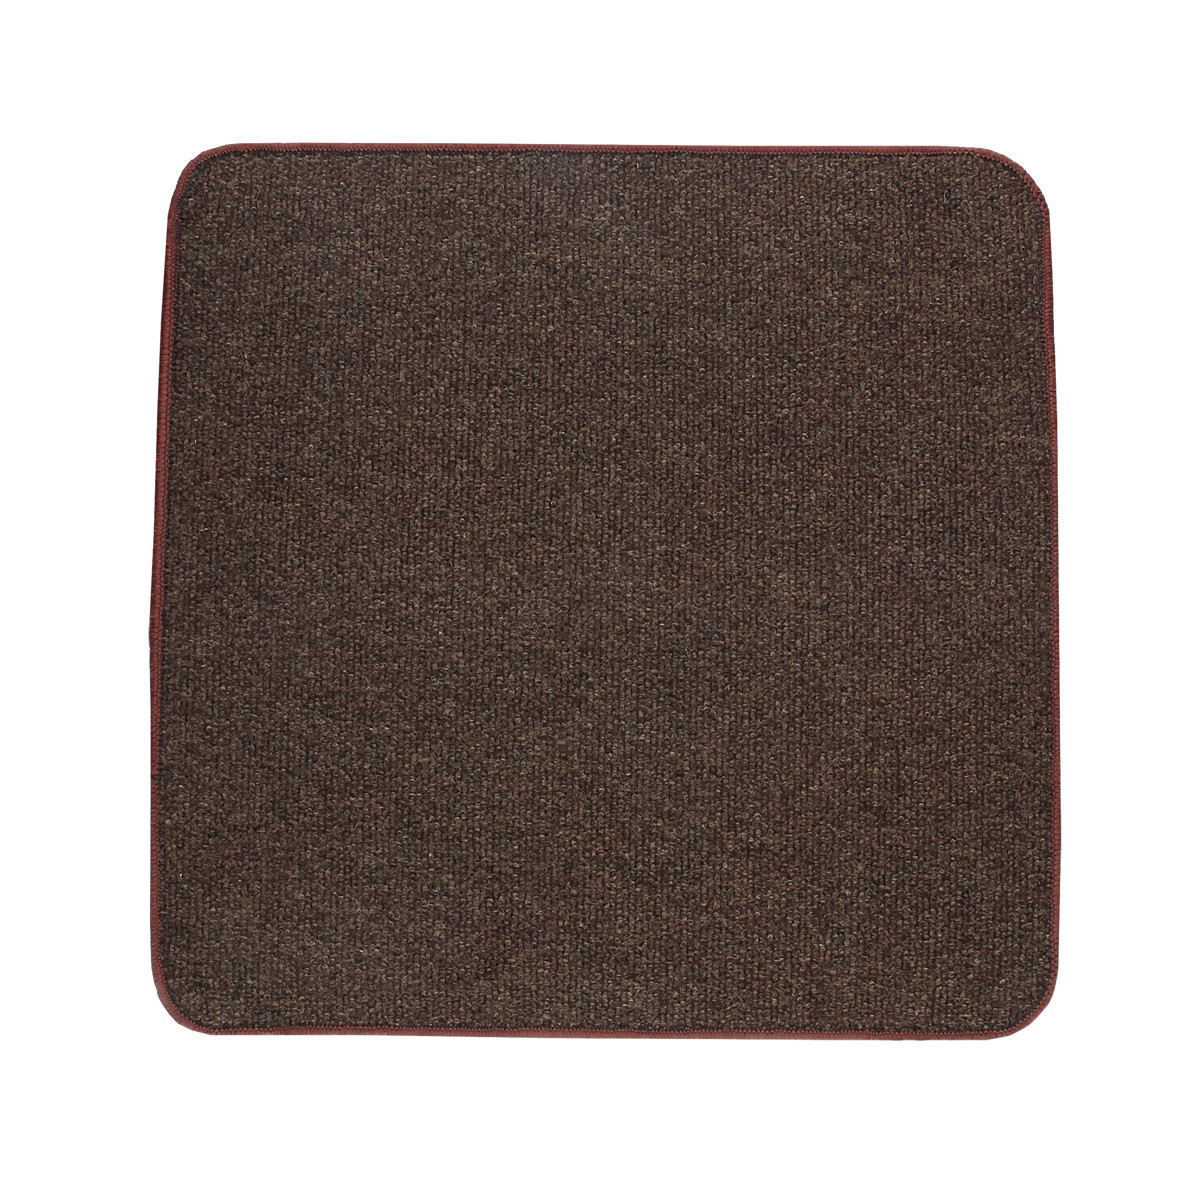 Електричний килимок з підігрівом Теплик з термо і гідроізоляцією 100 х 100 см Темно-коричневий